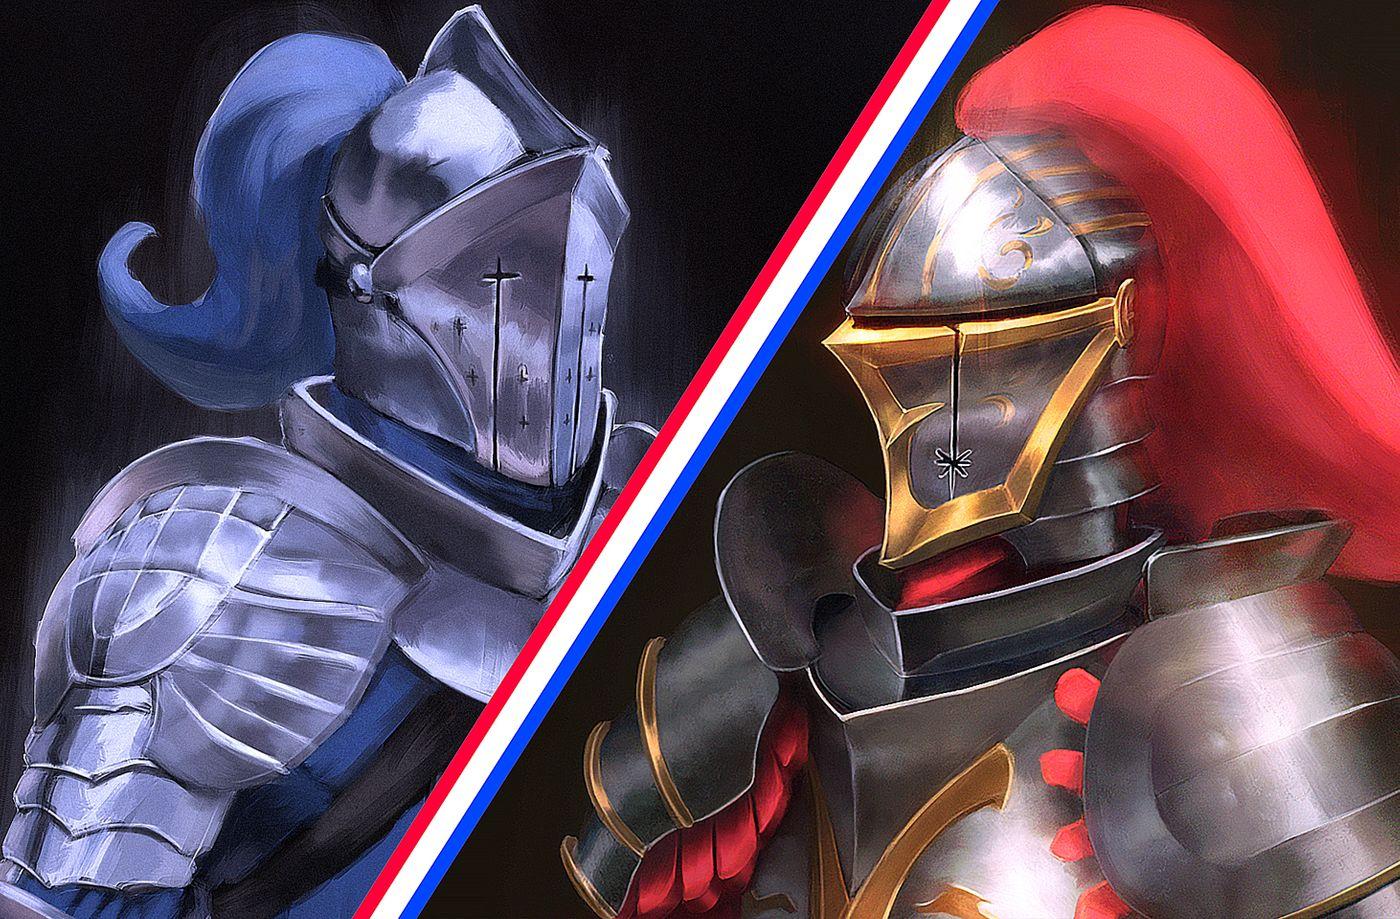 Knights, digital alla-prima style